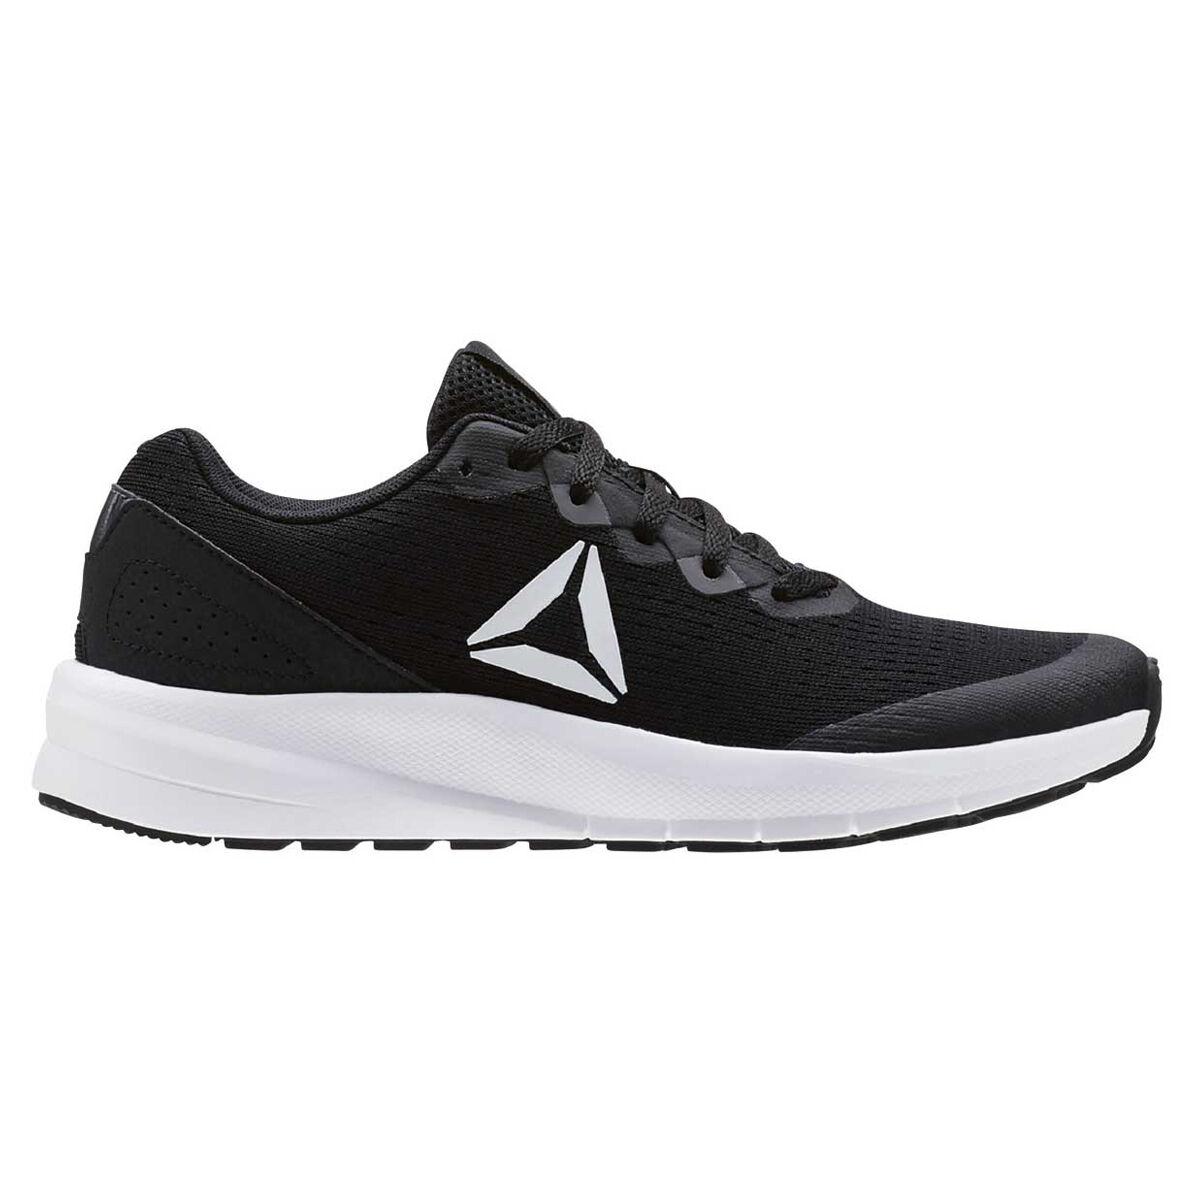 Reebok Runner 3.0 Womens Running Shoes